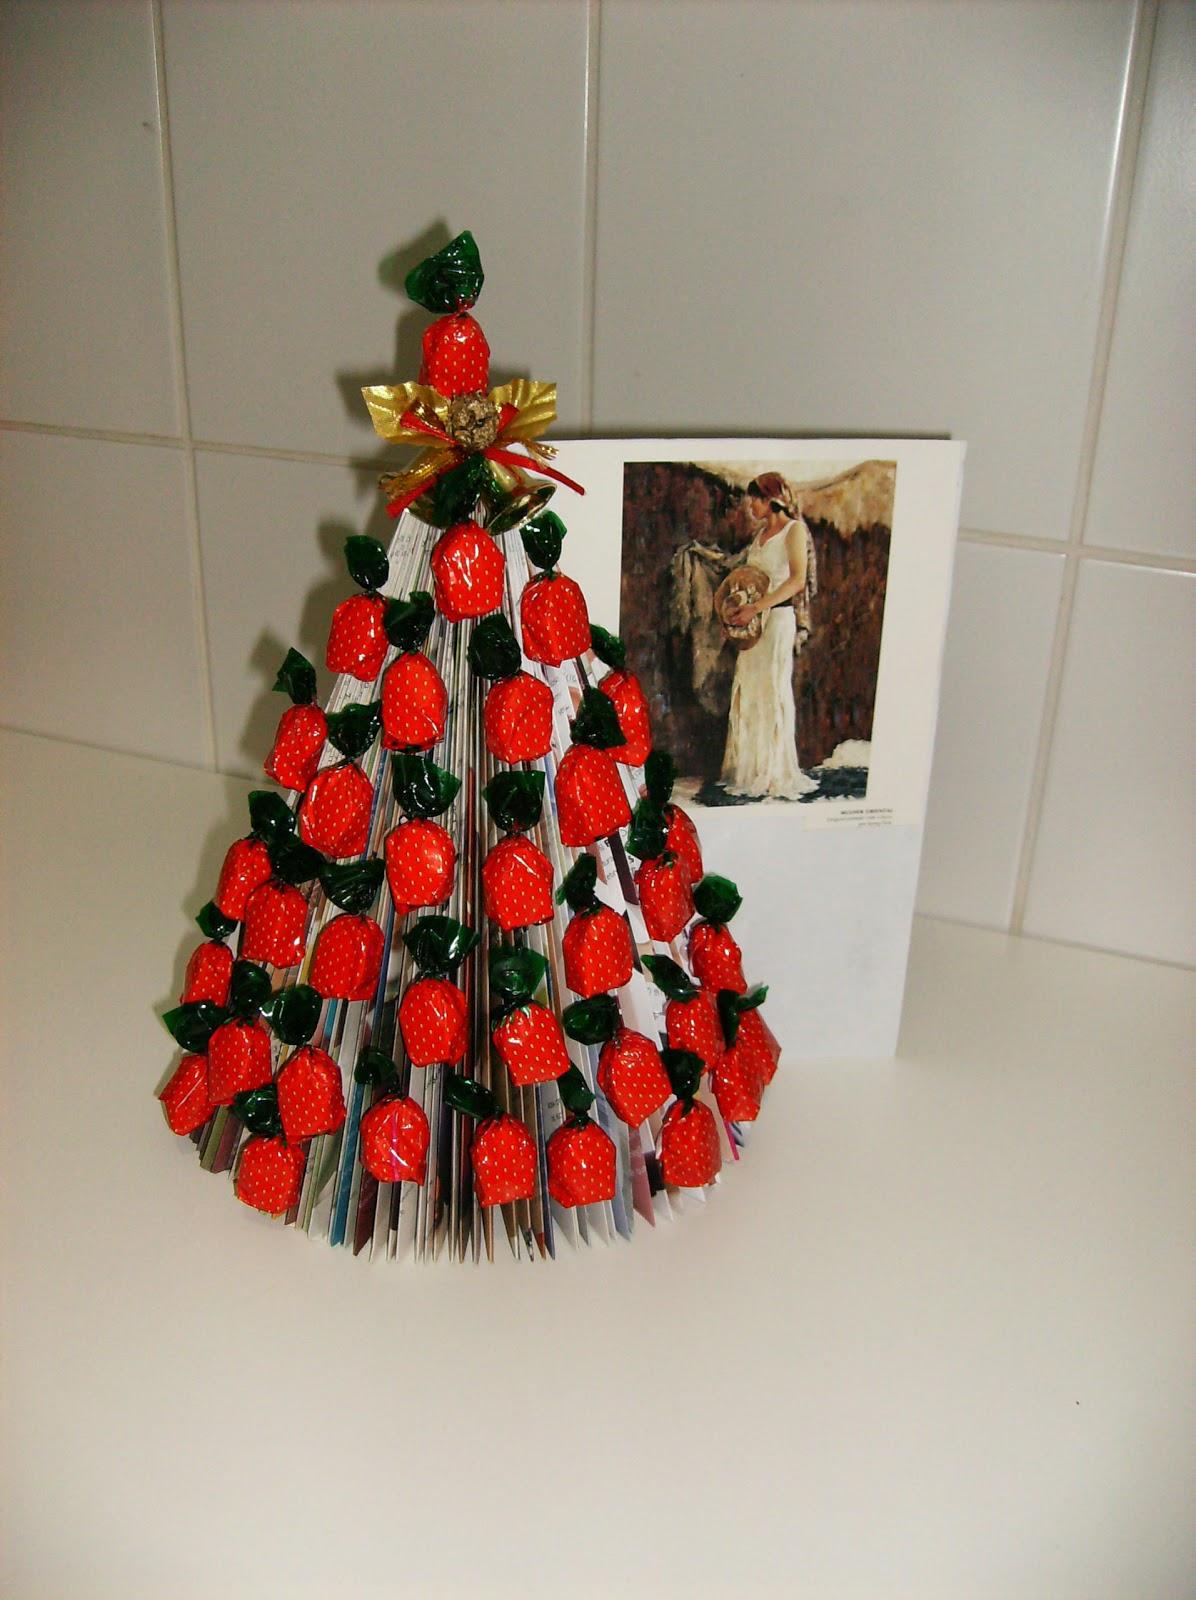 decoracao arvore de natal reciclavel : decoracao arvore de natal reciclavel:Nesta árvore foi utilizada uma revista velha com as folhas dobradas e